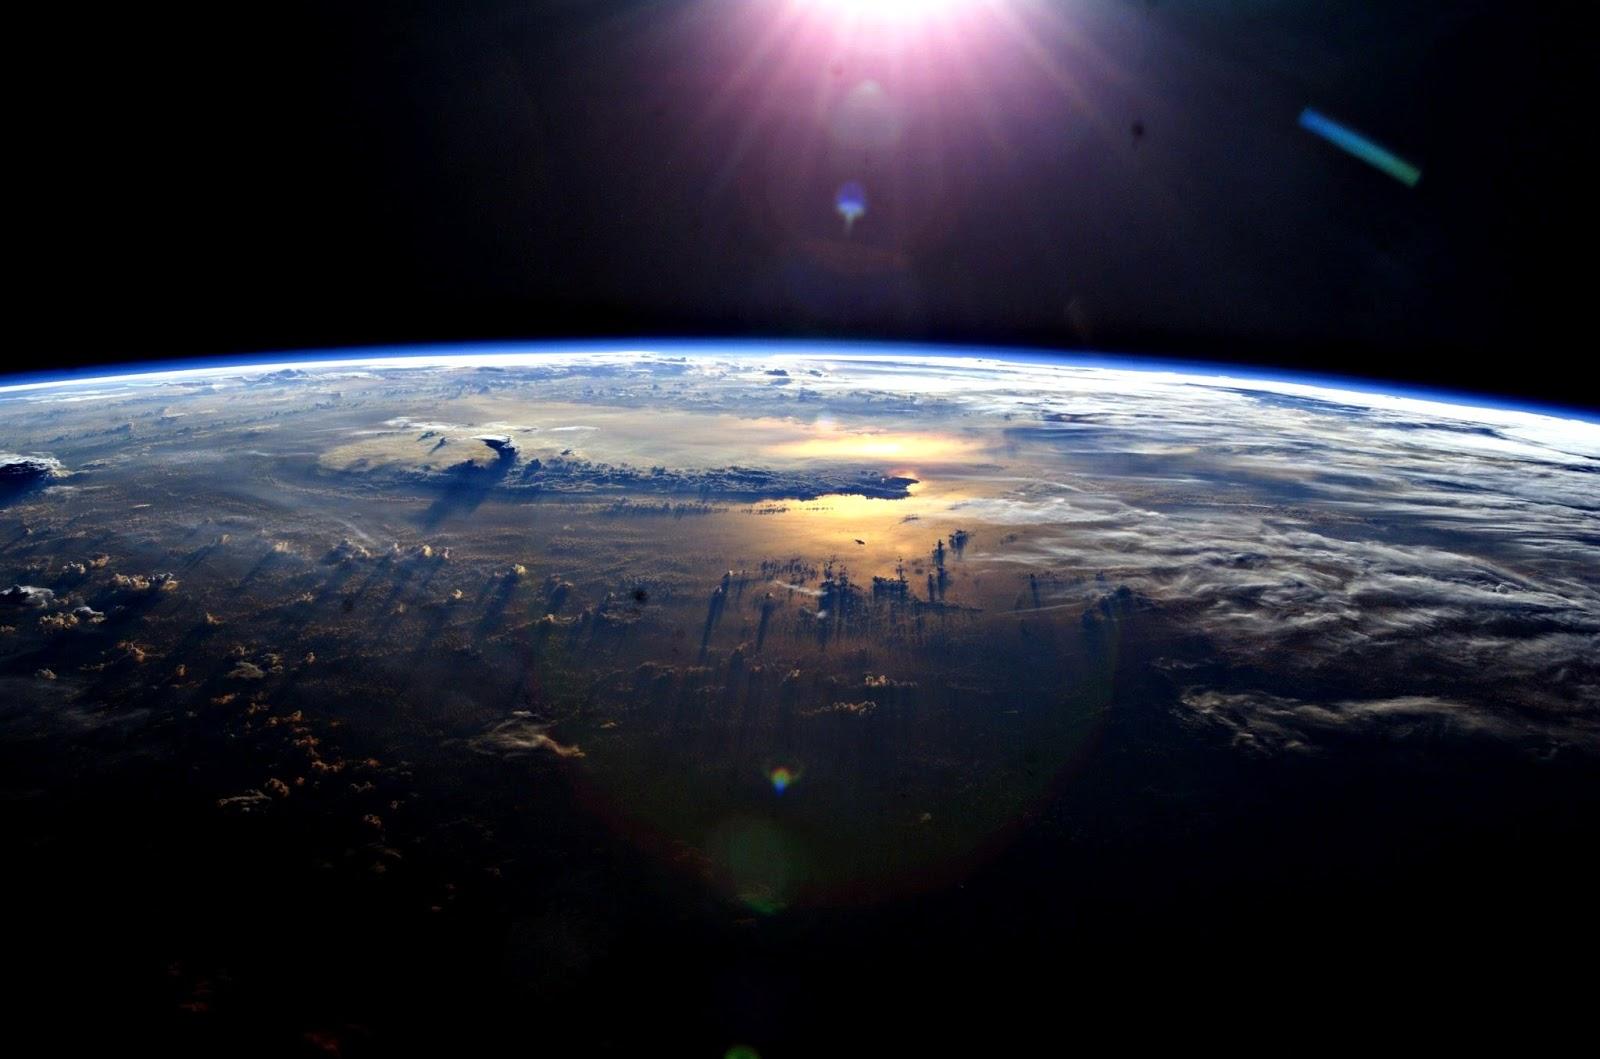 Semana -1408 - 1 Atmósfera